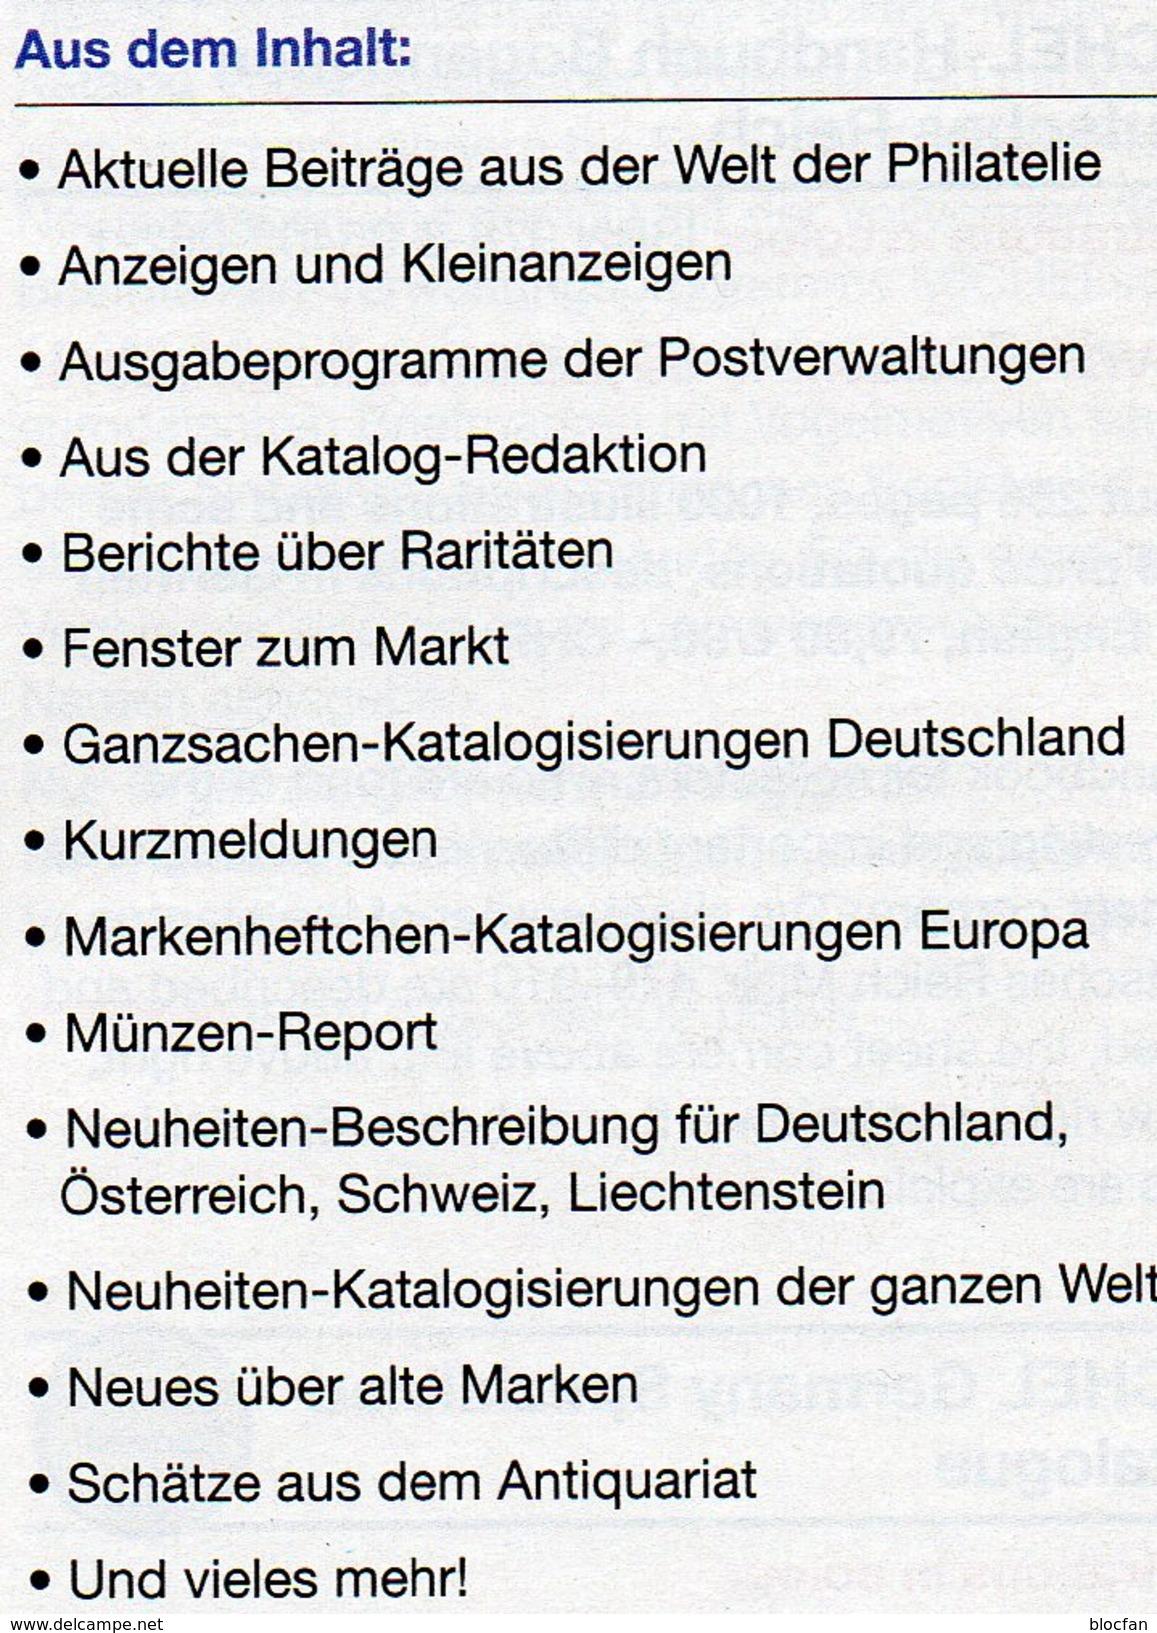 New Stamps MICHEL Briefmarken Rundschau 1/2017-plus Neu 6€ World Catalogue/magacine Of Germany ISBN 978-3-95402-600 - Motivkataloge